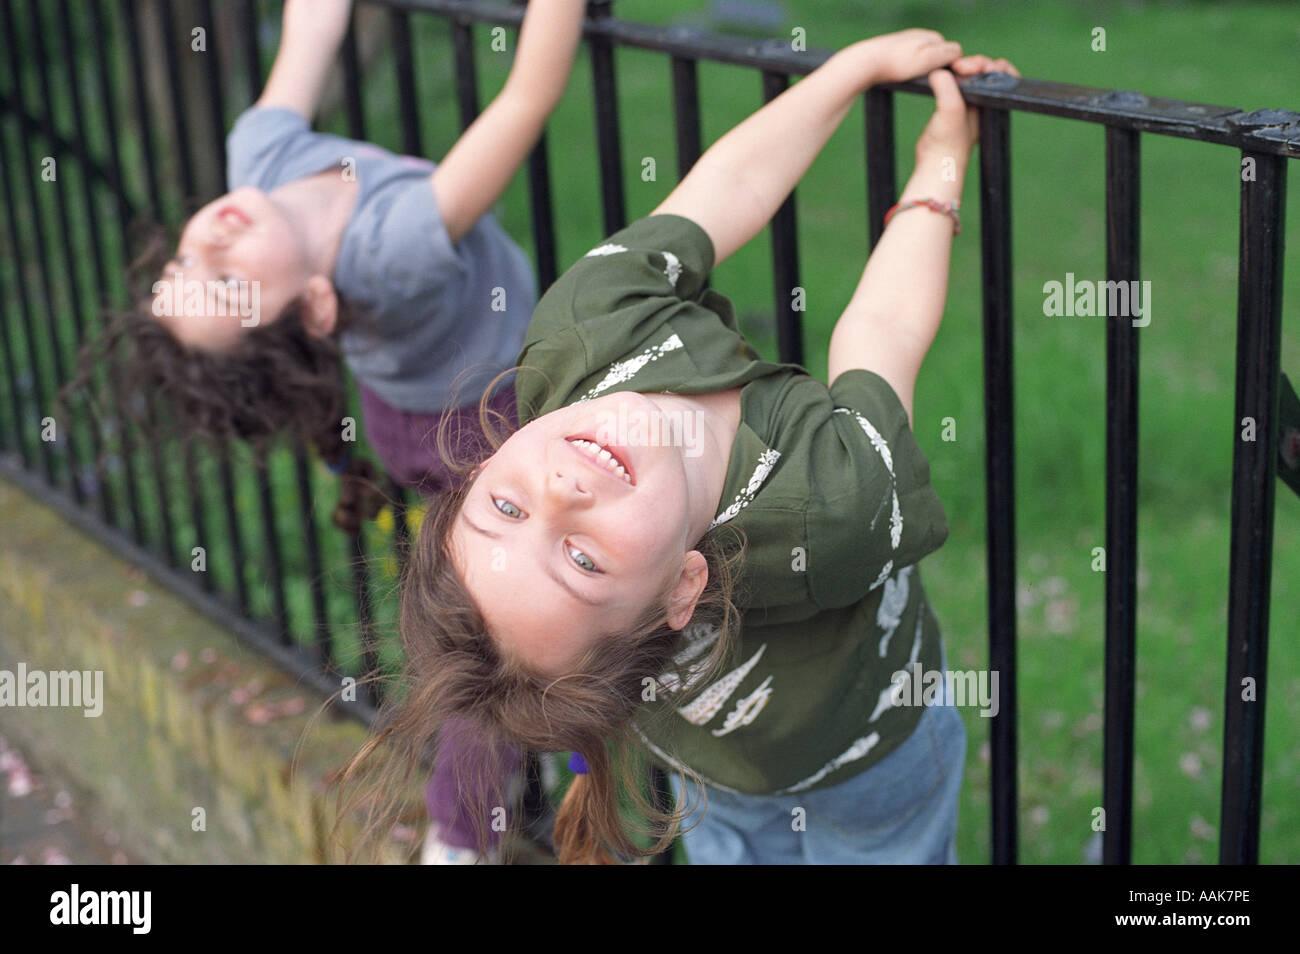 Zwei sechs Jahre alten Mädchen spielen auf Metallgeländer, London, UK. Stockfoto